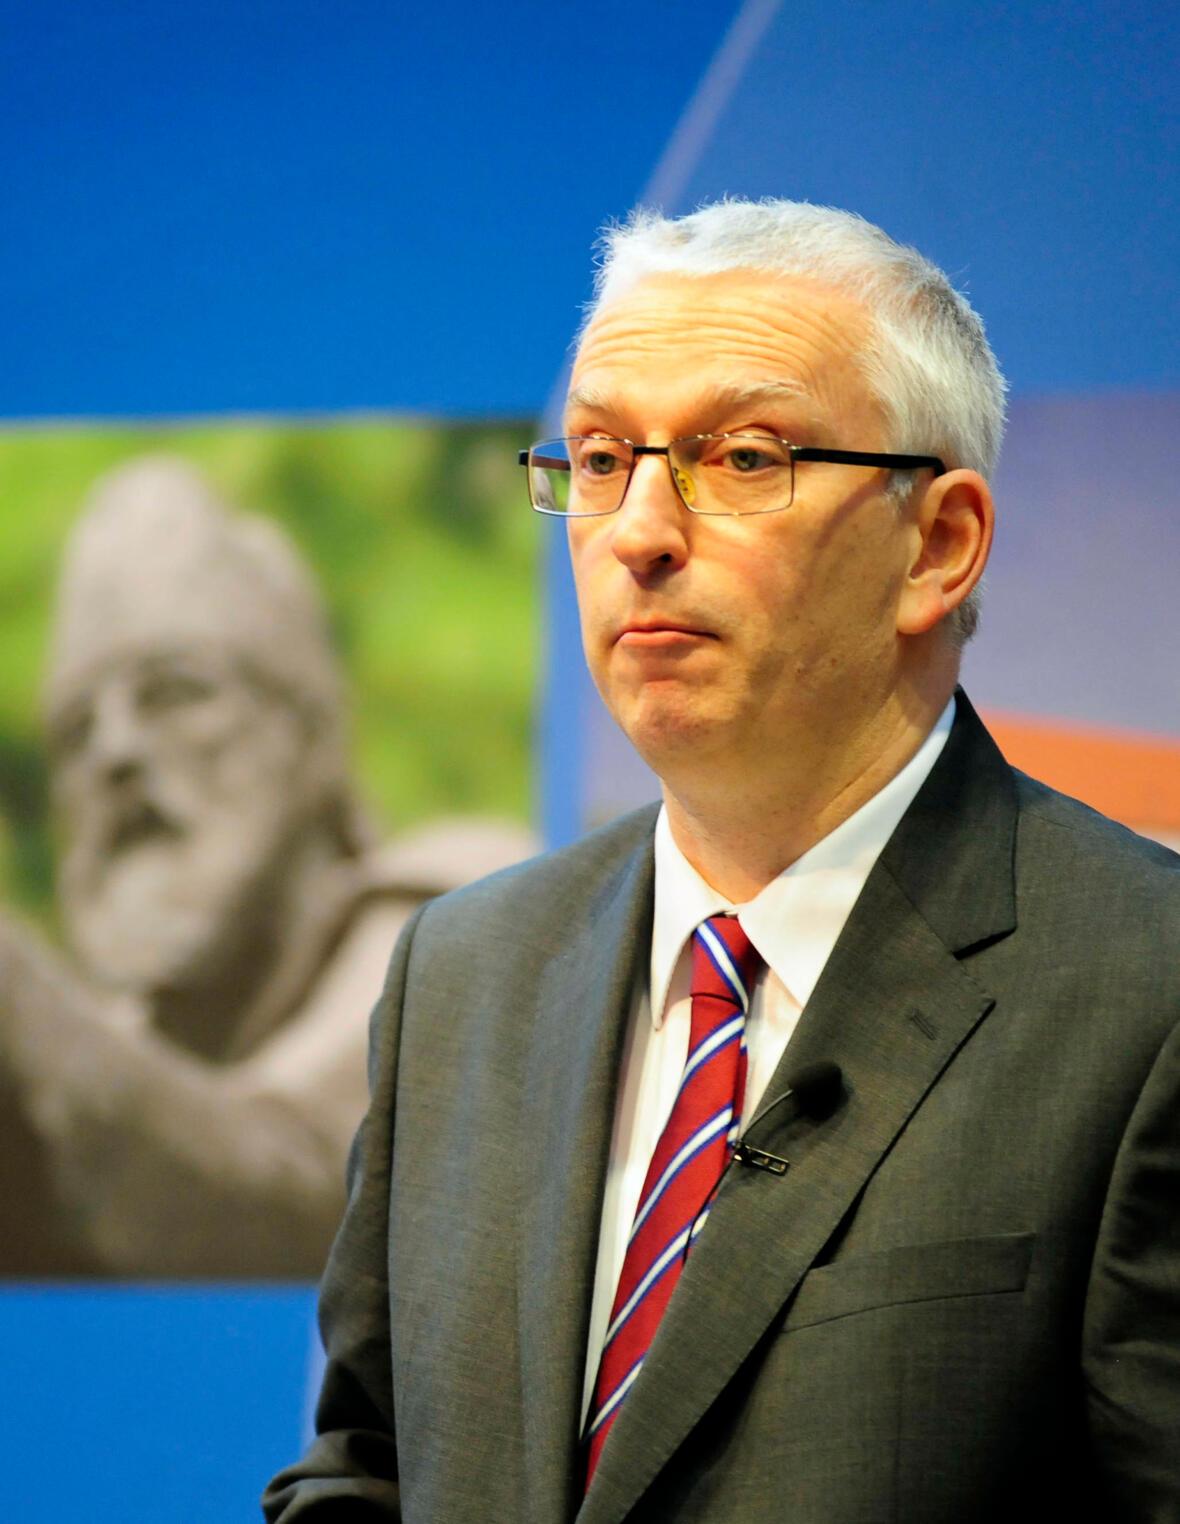 """Dr. Walter Zahner, Gesamtkurator für das """"Kunstprojekt zum Konzilsjubiläum 2015""""."""